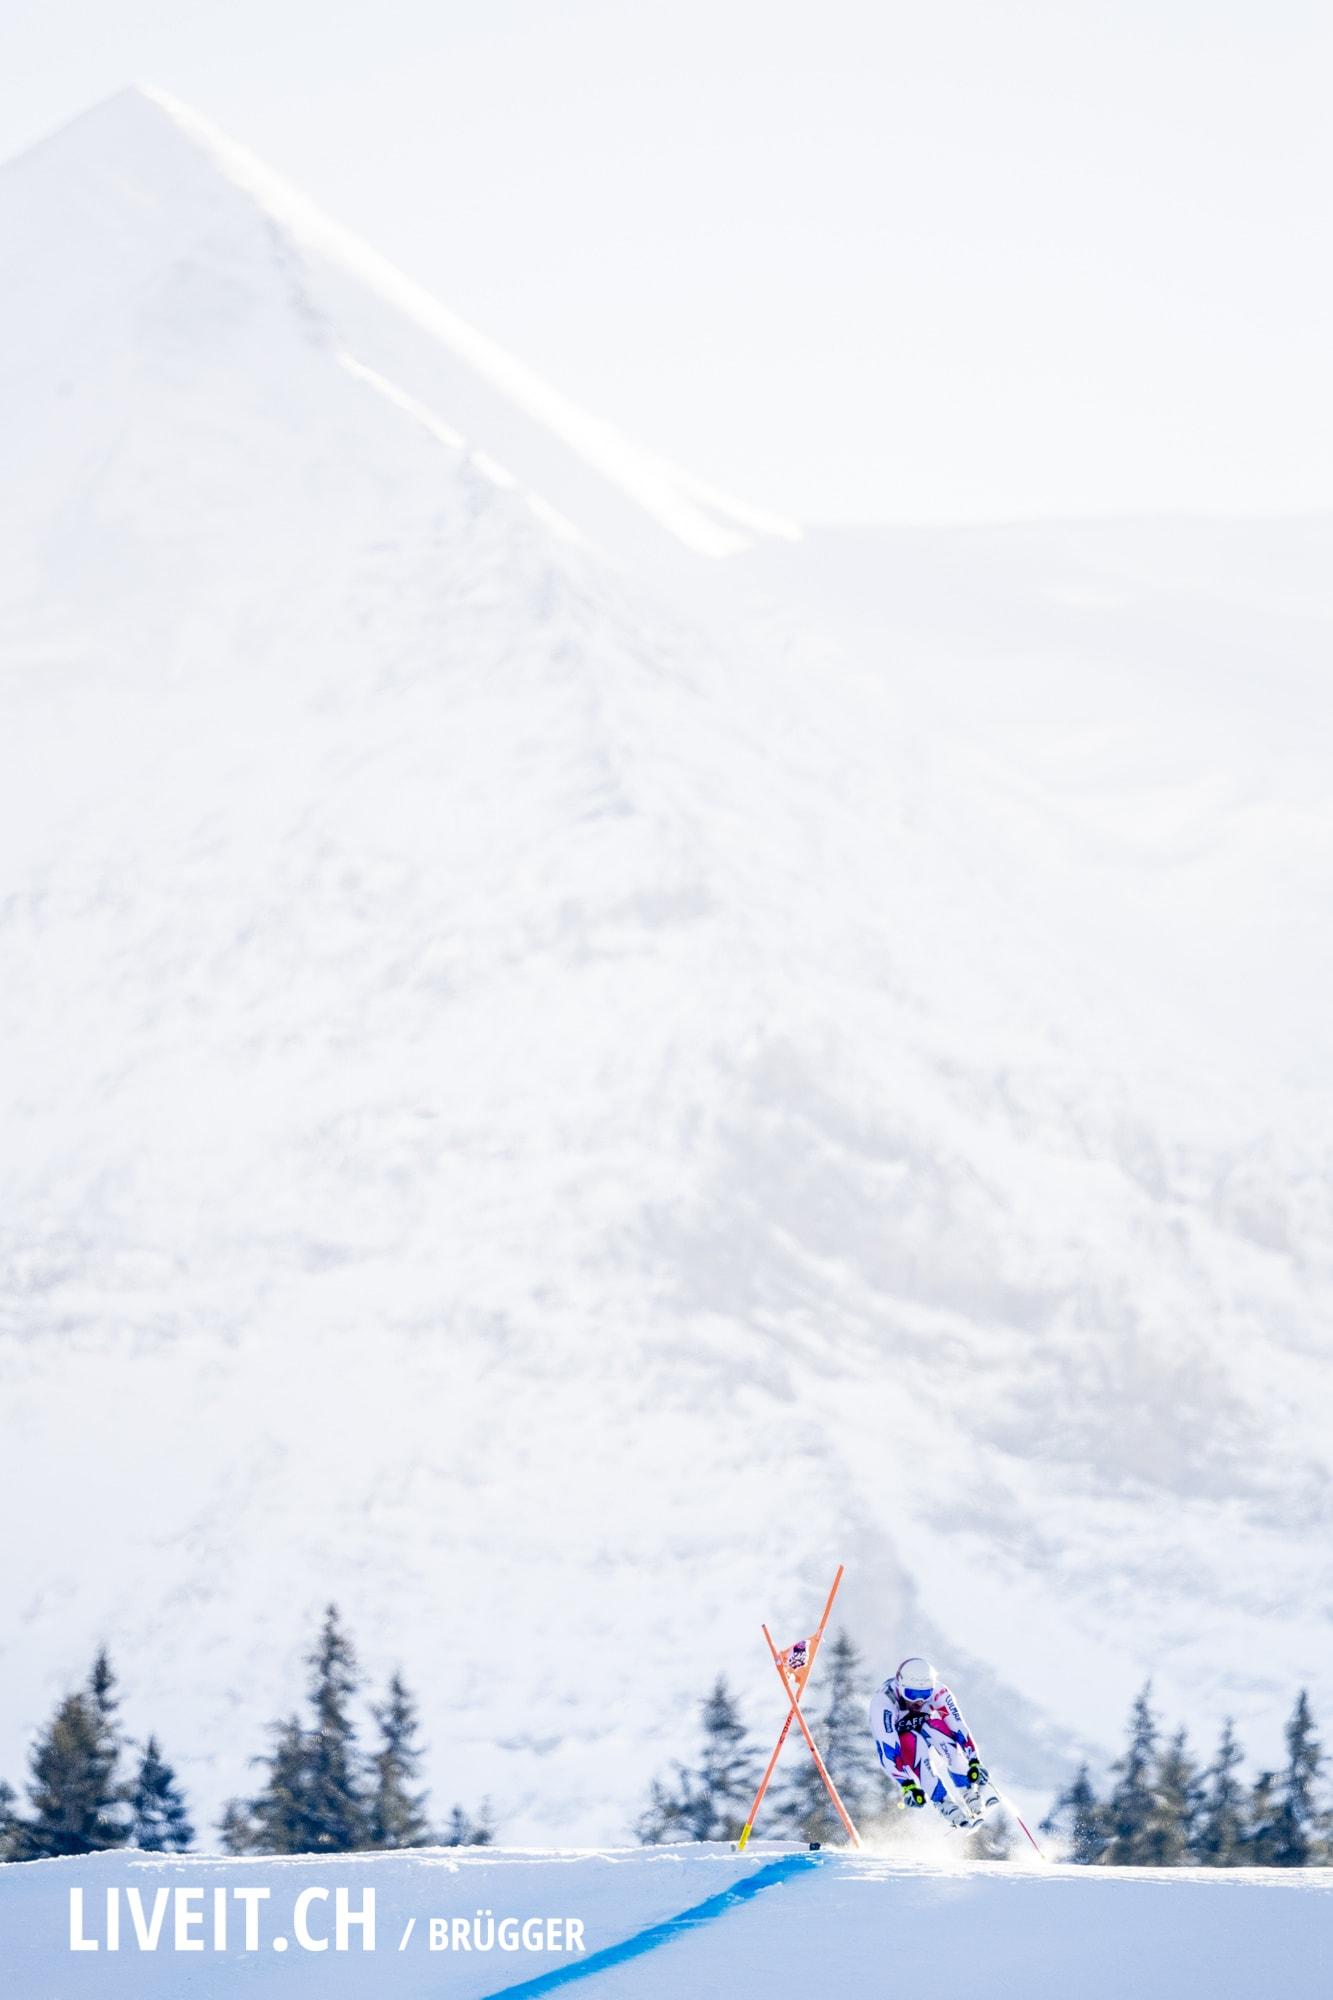 Adrien Theaux (FRA) fotografiert am Samstag, 19. Januar 2019 am Lauberhornrennen in der Disziplin: Abfahrt. (Fotografiert von Dominic Bruegger liveit.ch)